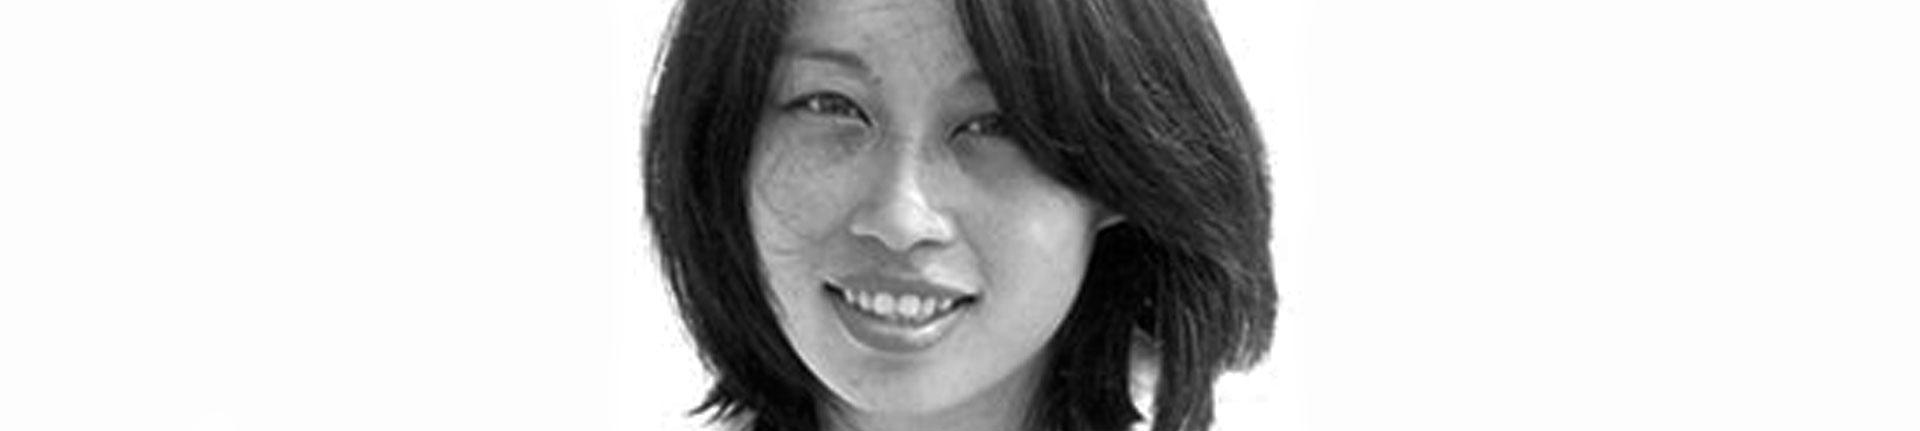 Projeto do Orelhão e a artista Chu Ming Silveira